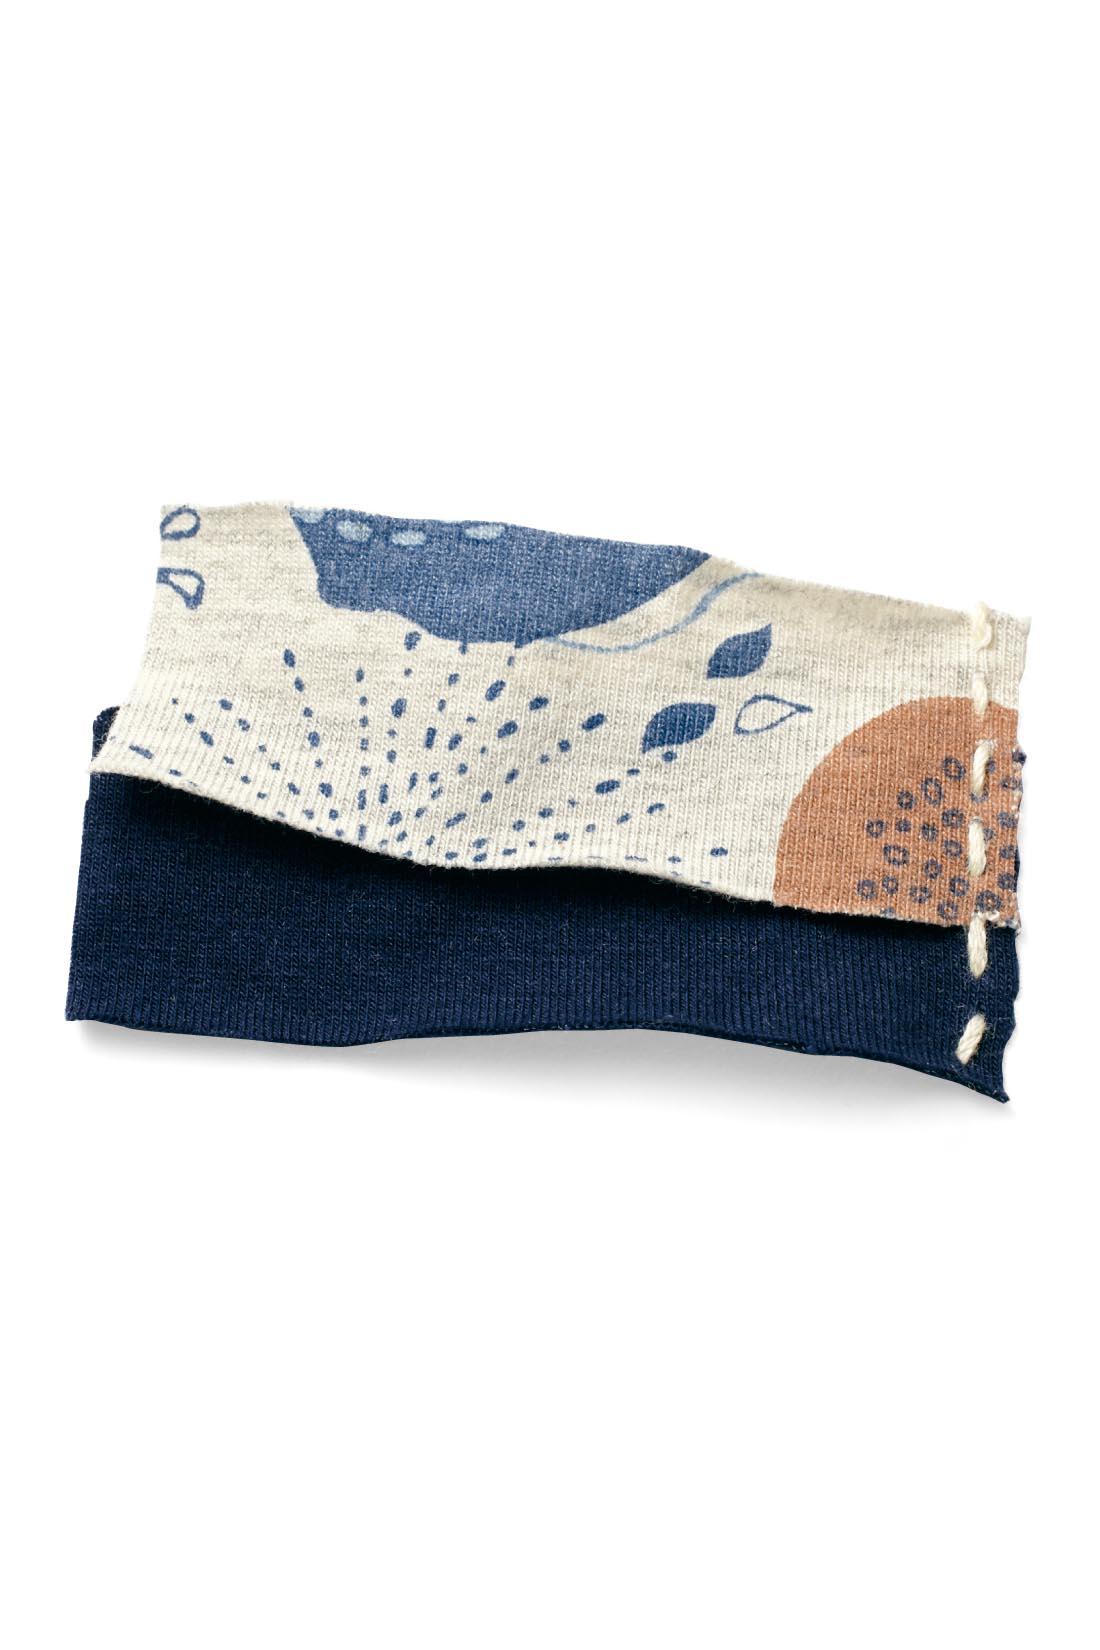 身生地にはプリントのニュアンスを深める、杢調の素材をセレクト。綿混素材で肌心地もさわやか。